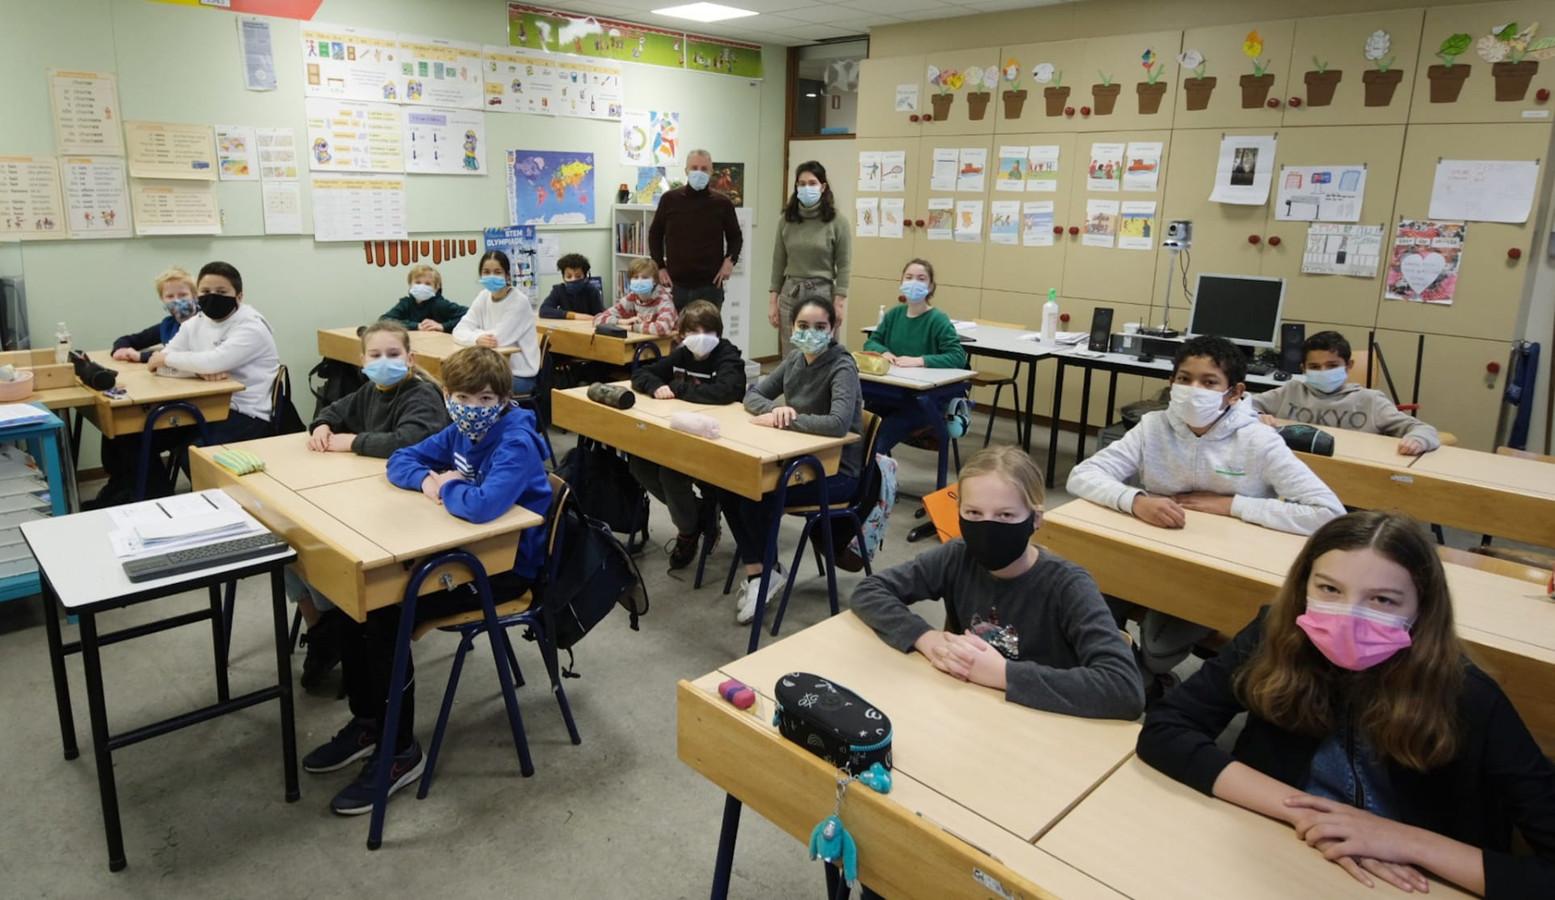 Ze dragen hun mondmasker allemaal zonder morren in het zesde leerjaar van juf Charlotte Bonte.